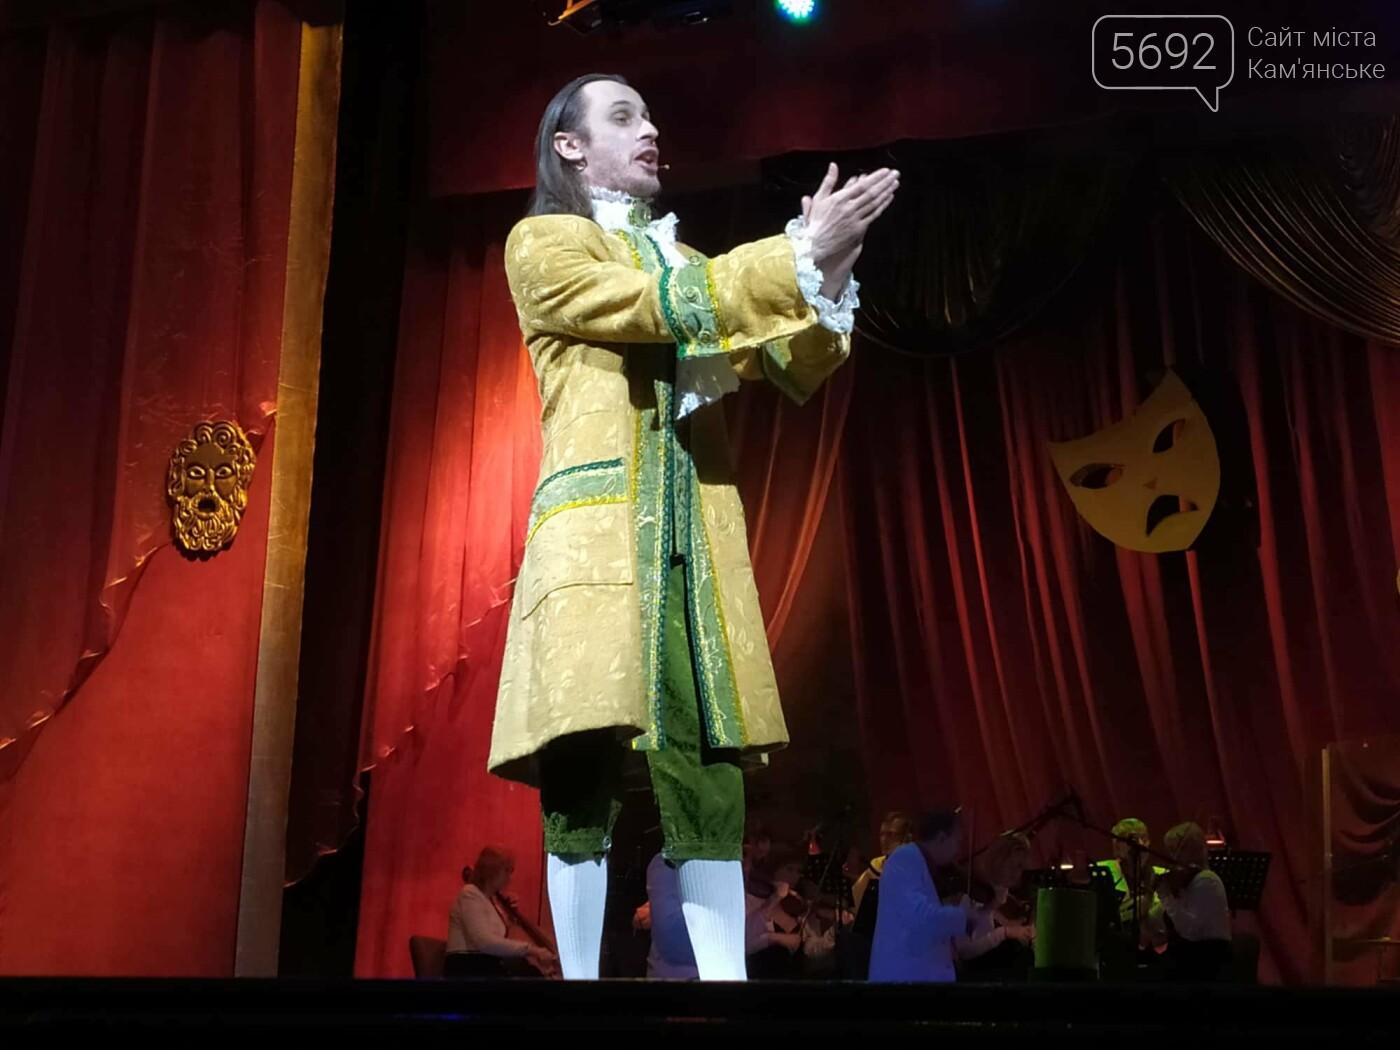 В Каменском театре концертом отметили юбилей главного режиссера, фото-4